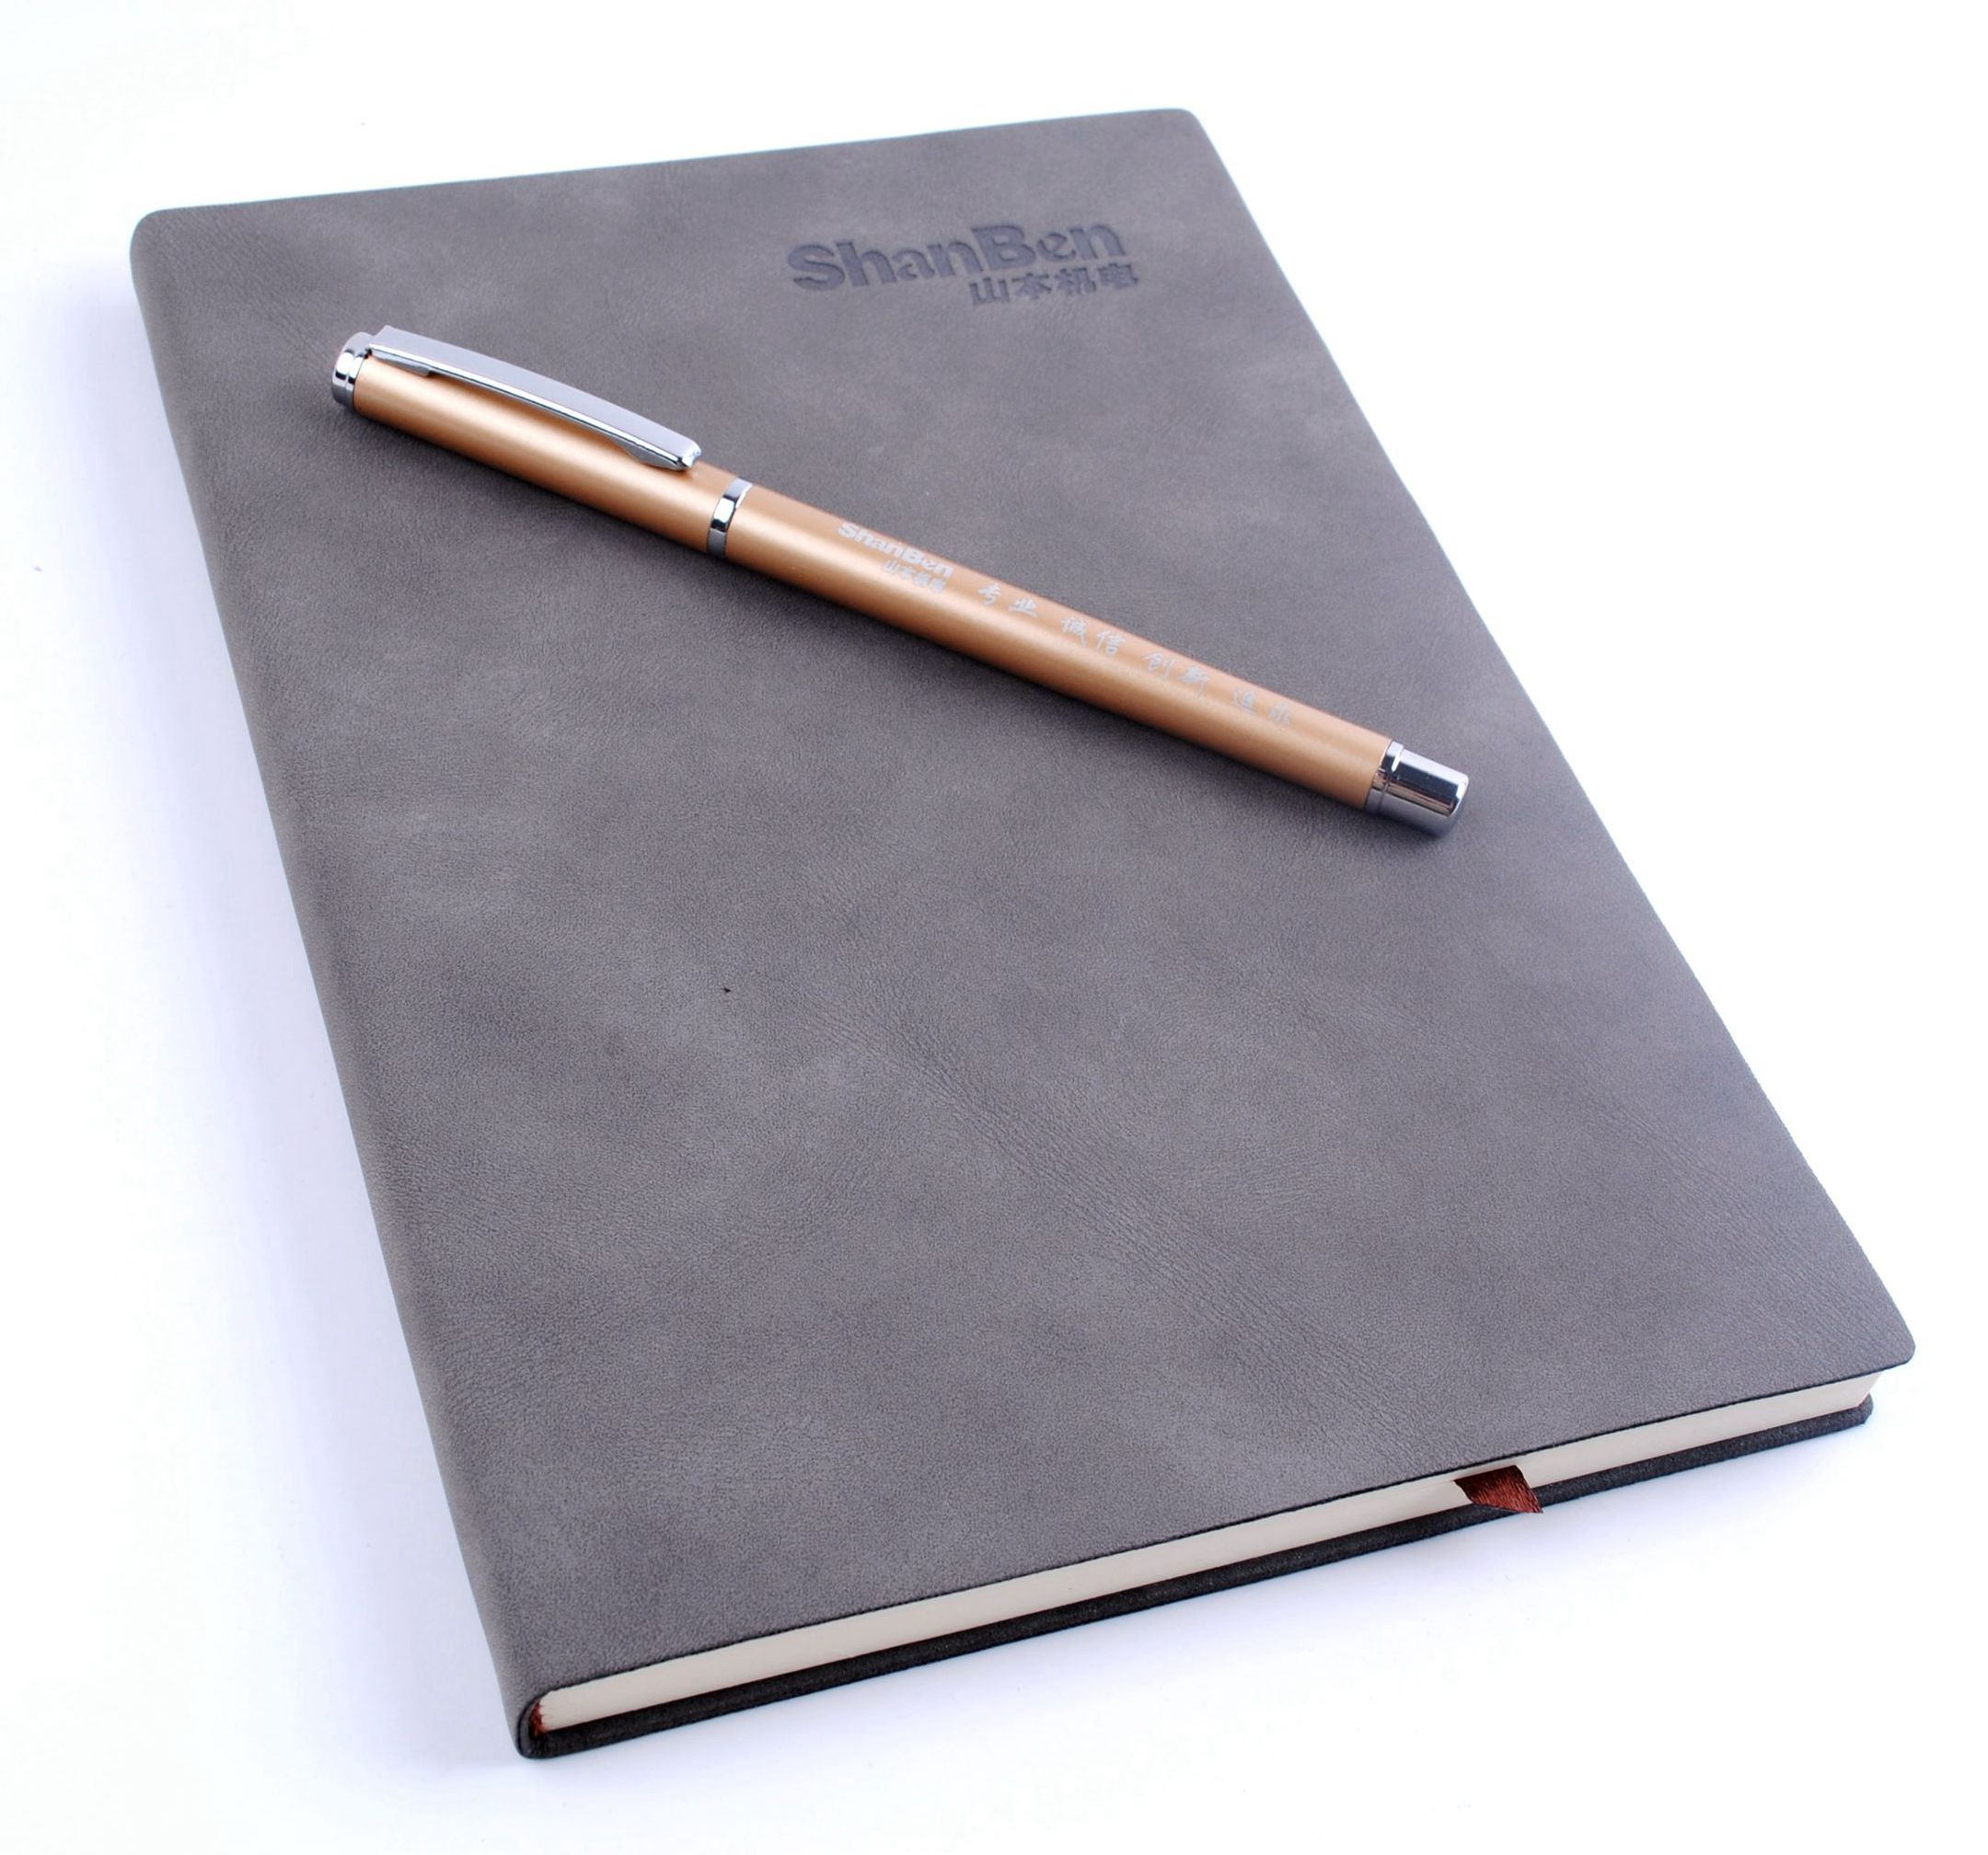 南京山本机电有限公司 会员专属定制 笔记本套装